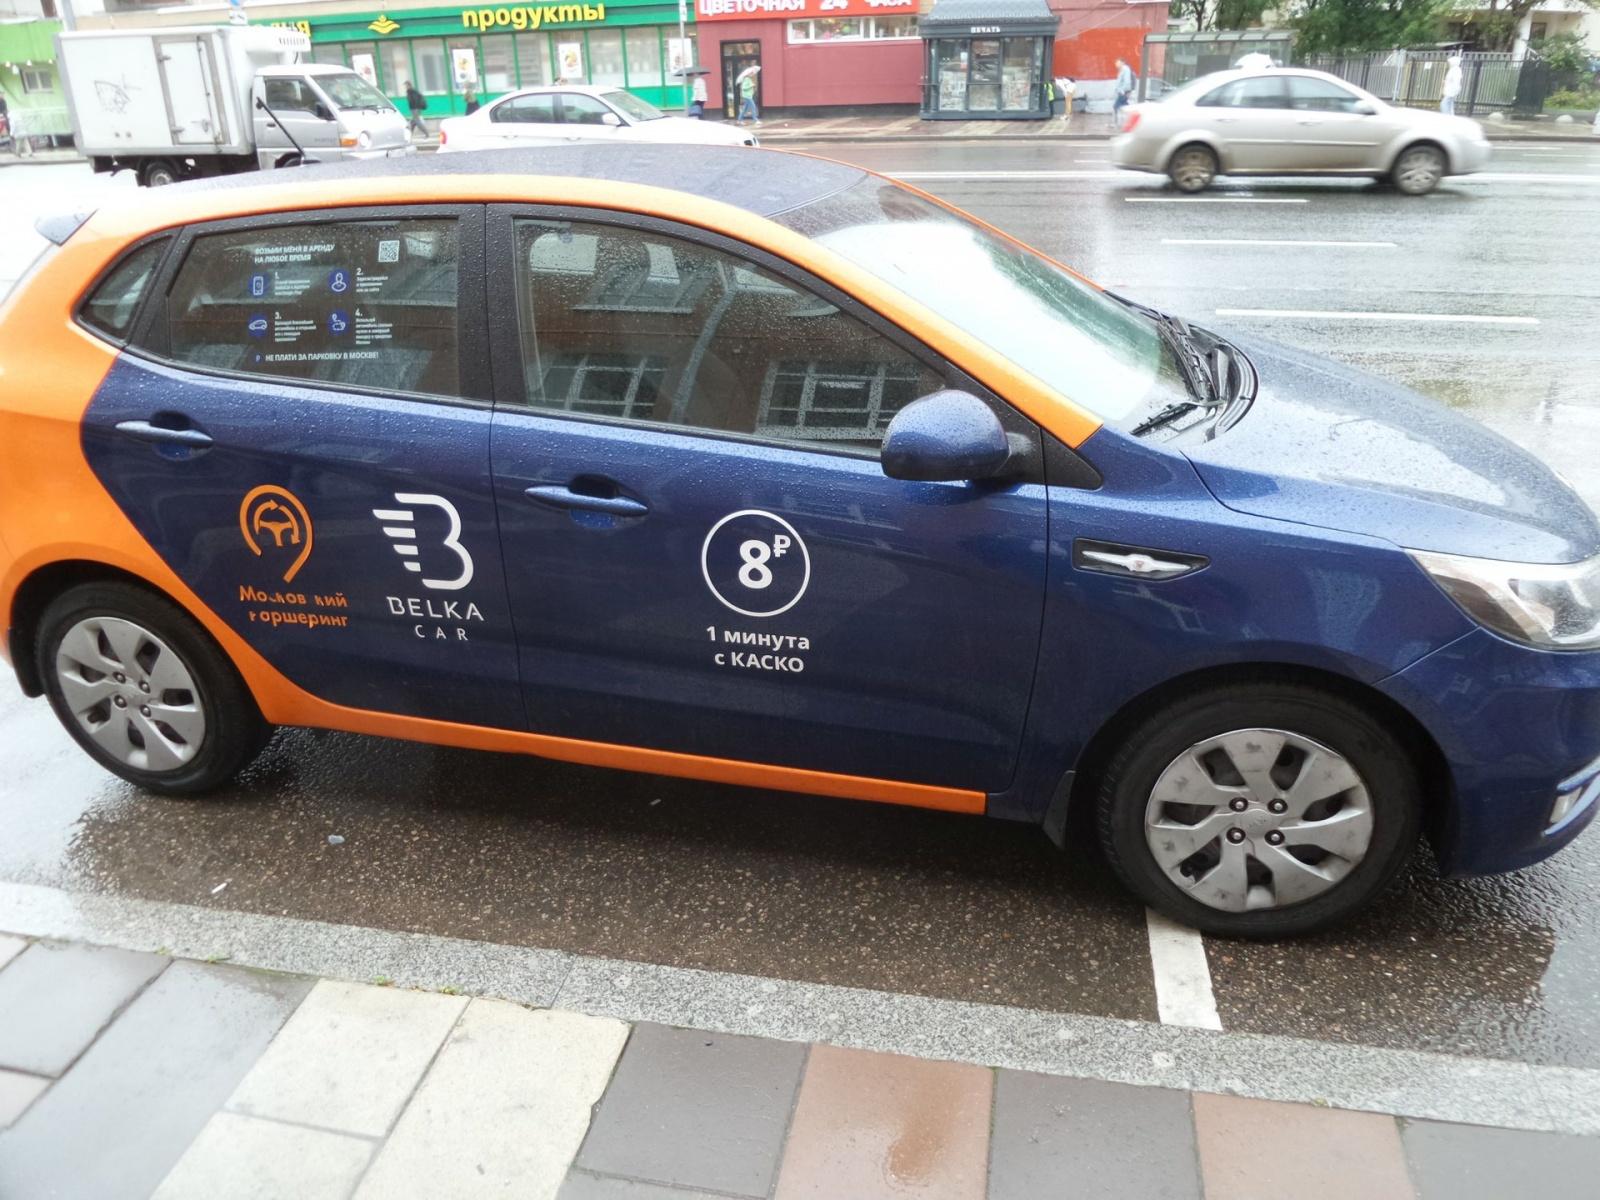 Без машины на машине: сравнительный обзор услуг каршеринга в Москве - сентябрь 2017 - 16